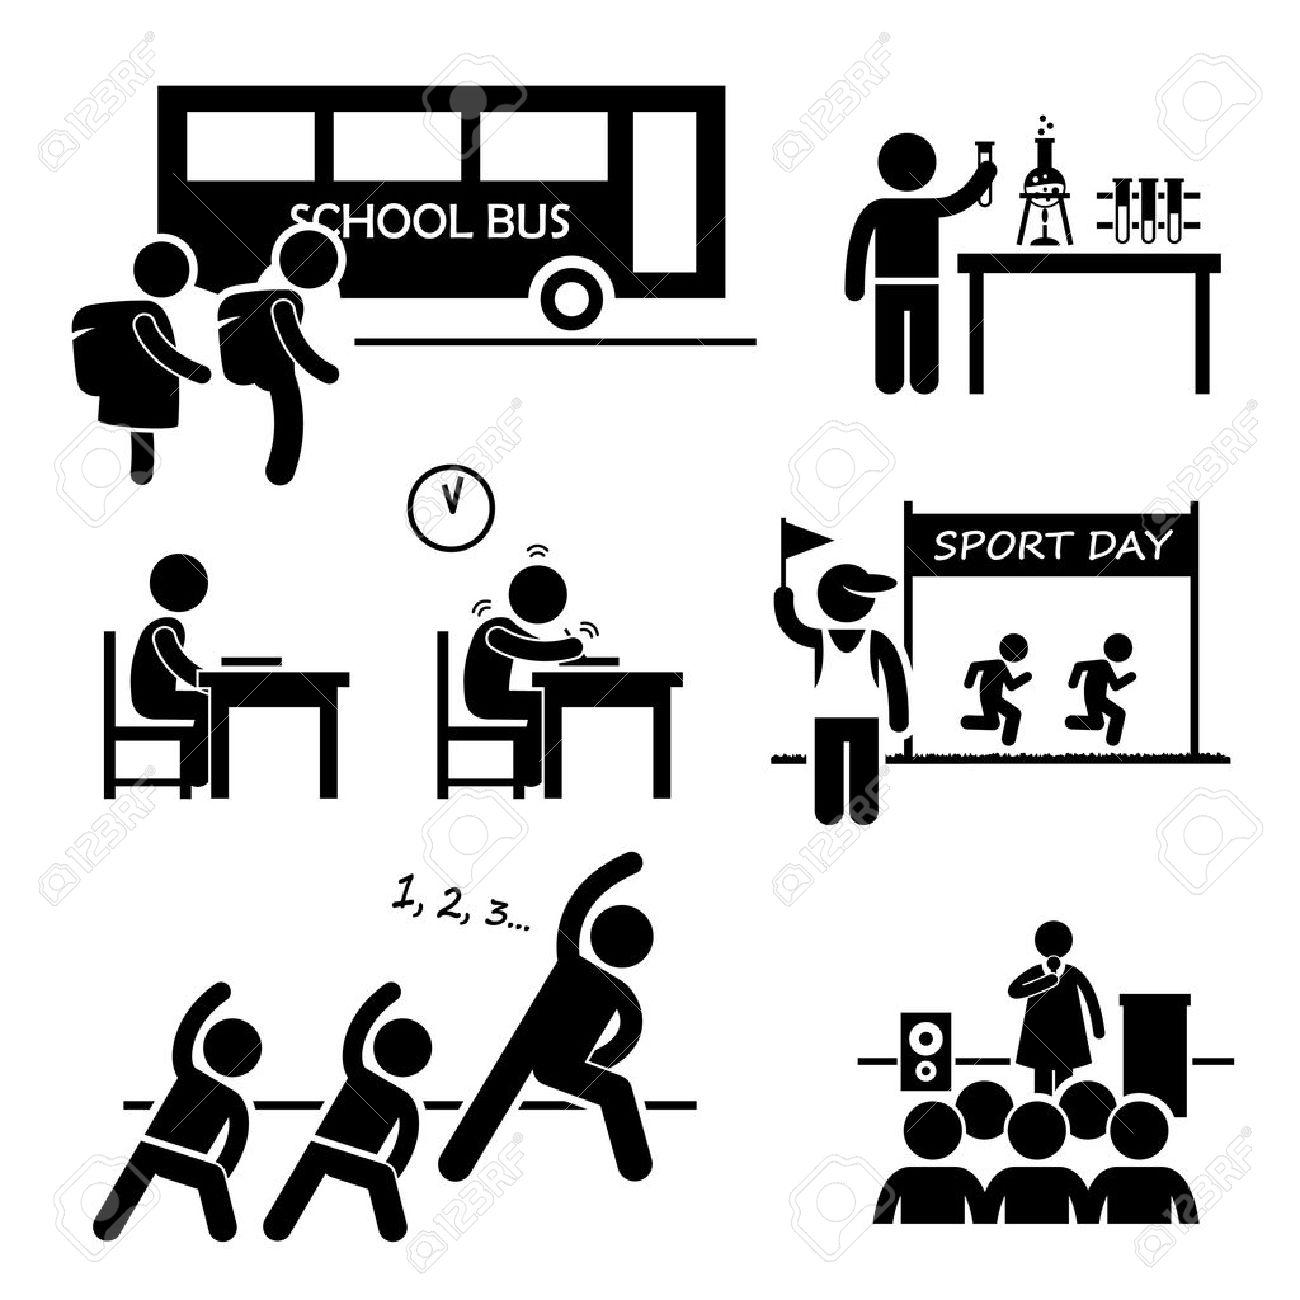 学生スティック図の絵文字アイコンのクリップアートの学校